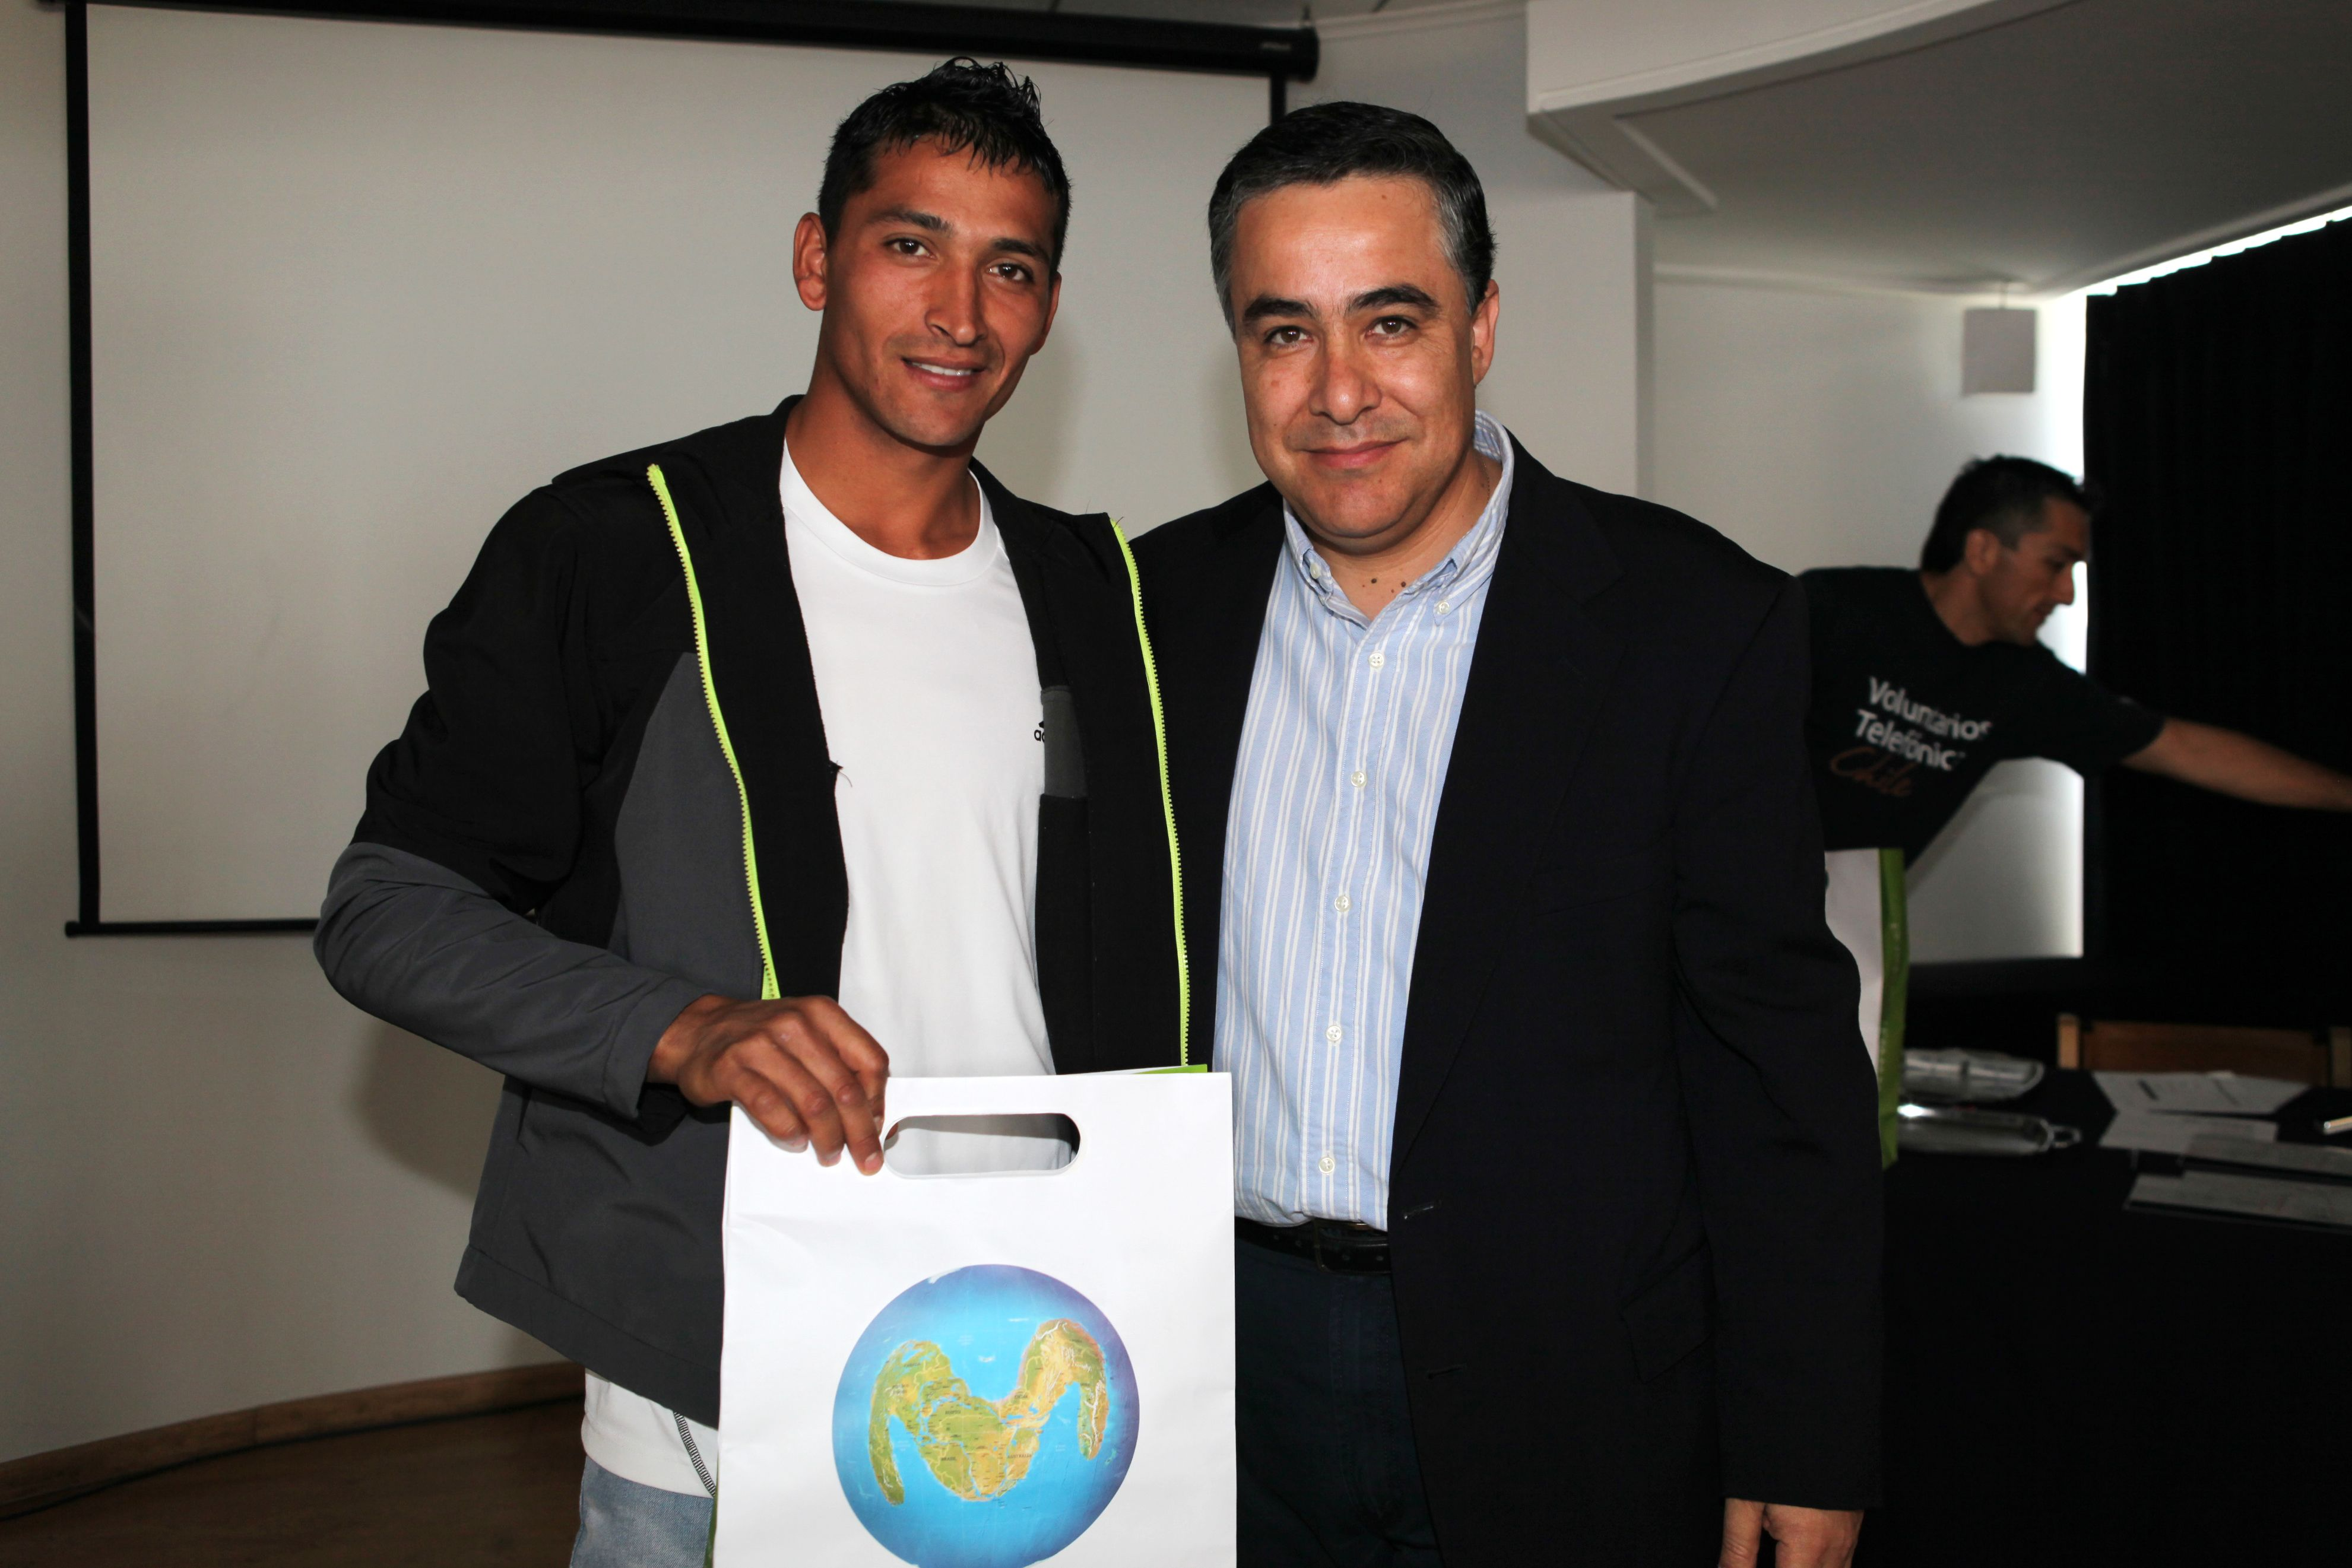 José Manuel ya es mecánico automotriz gracias al apoyo que le brindó el programa Jóvenes de Fundación Telefónica